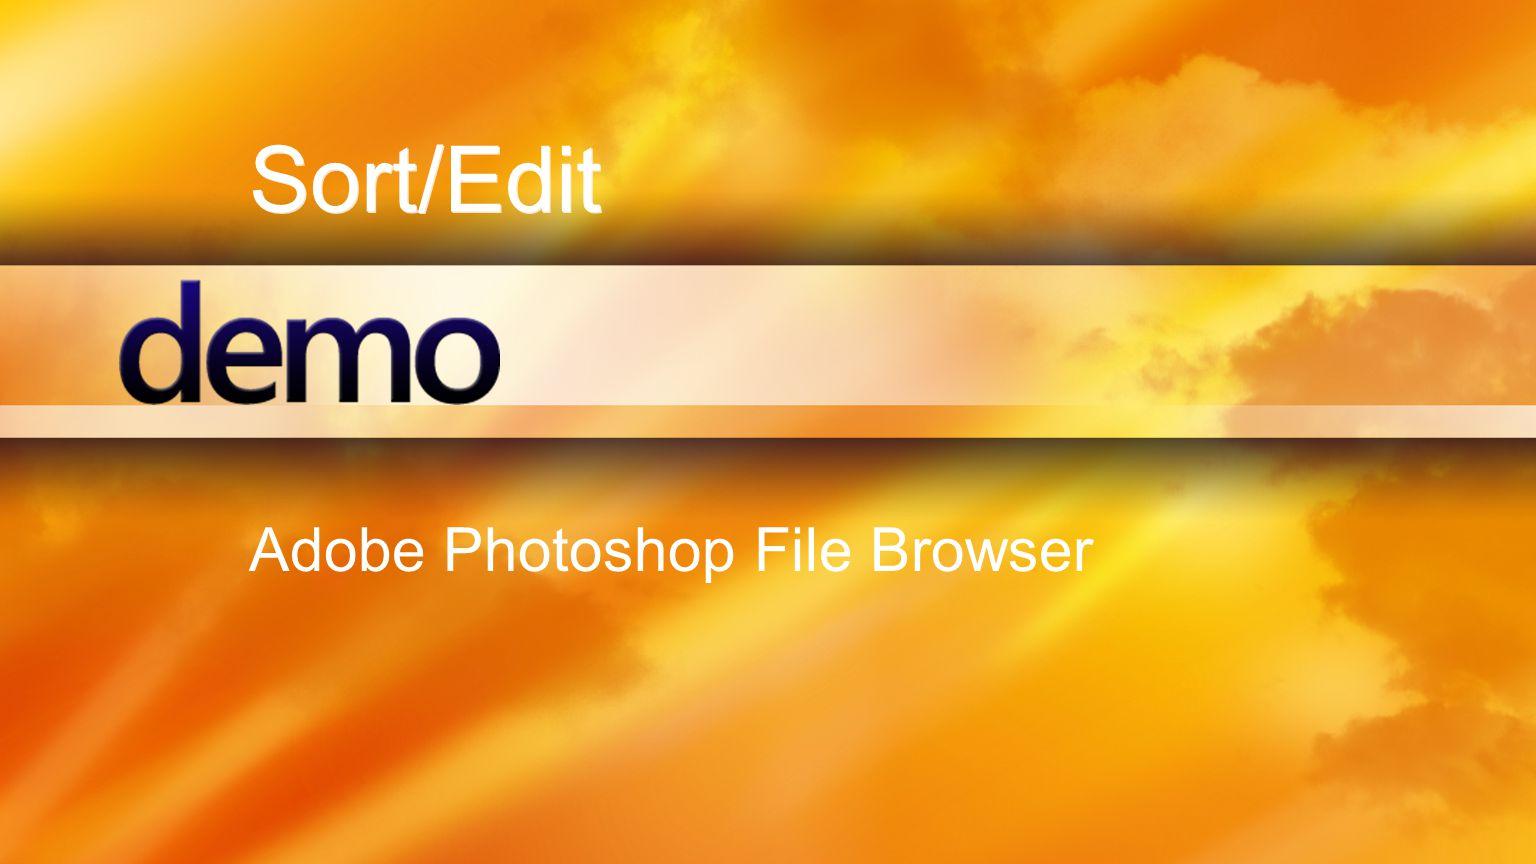 Sort/Edit Adobe Photoshop File Browser